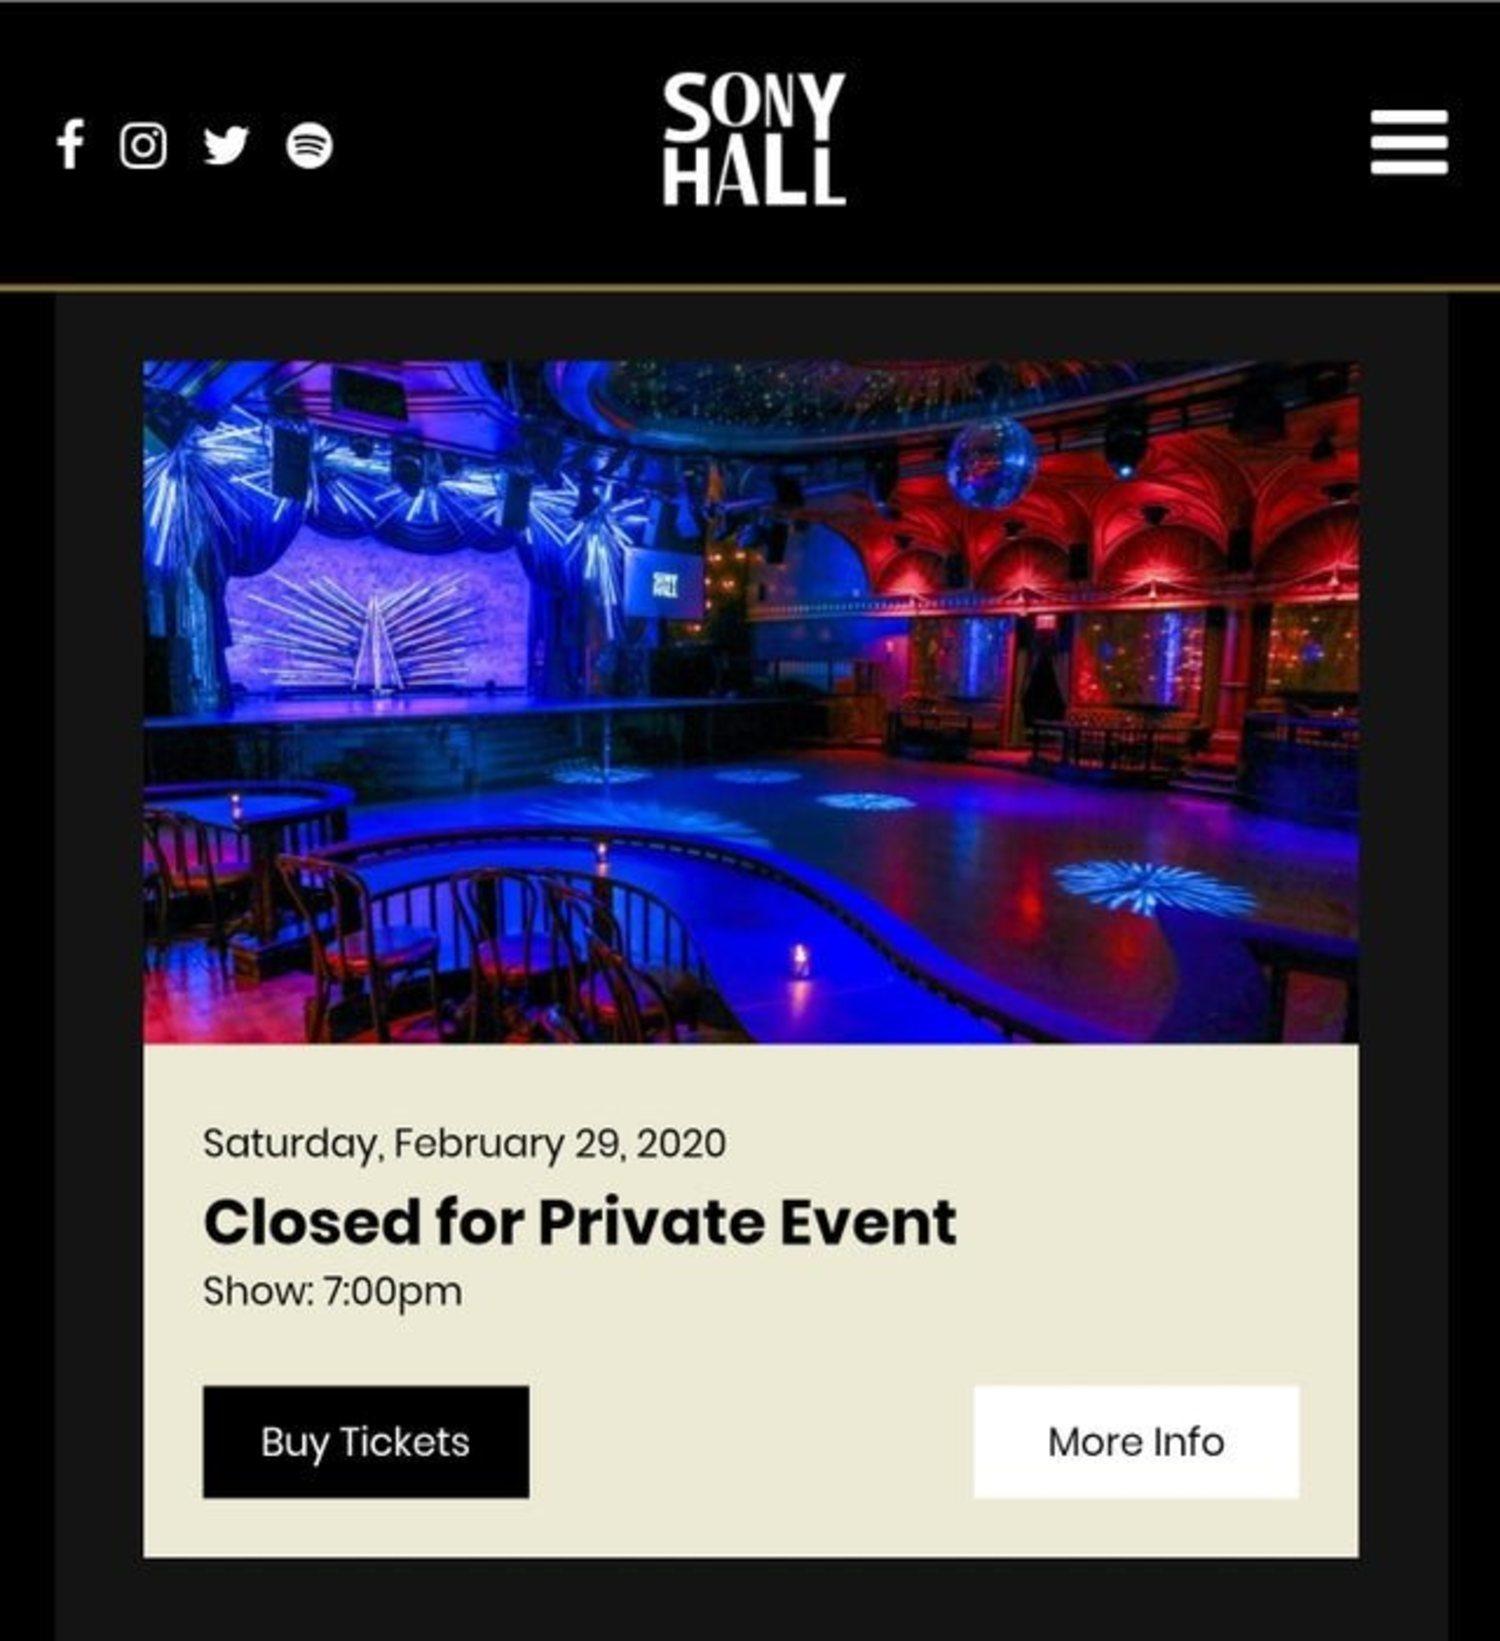 El Sony Hall de Nueva York perecerá cerrado el 29 de febrero por un evento privado, ¿casualidad?